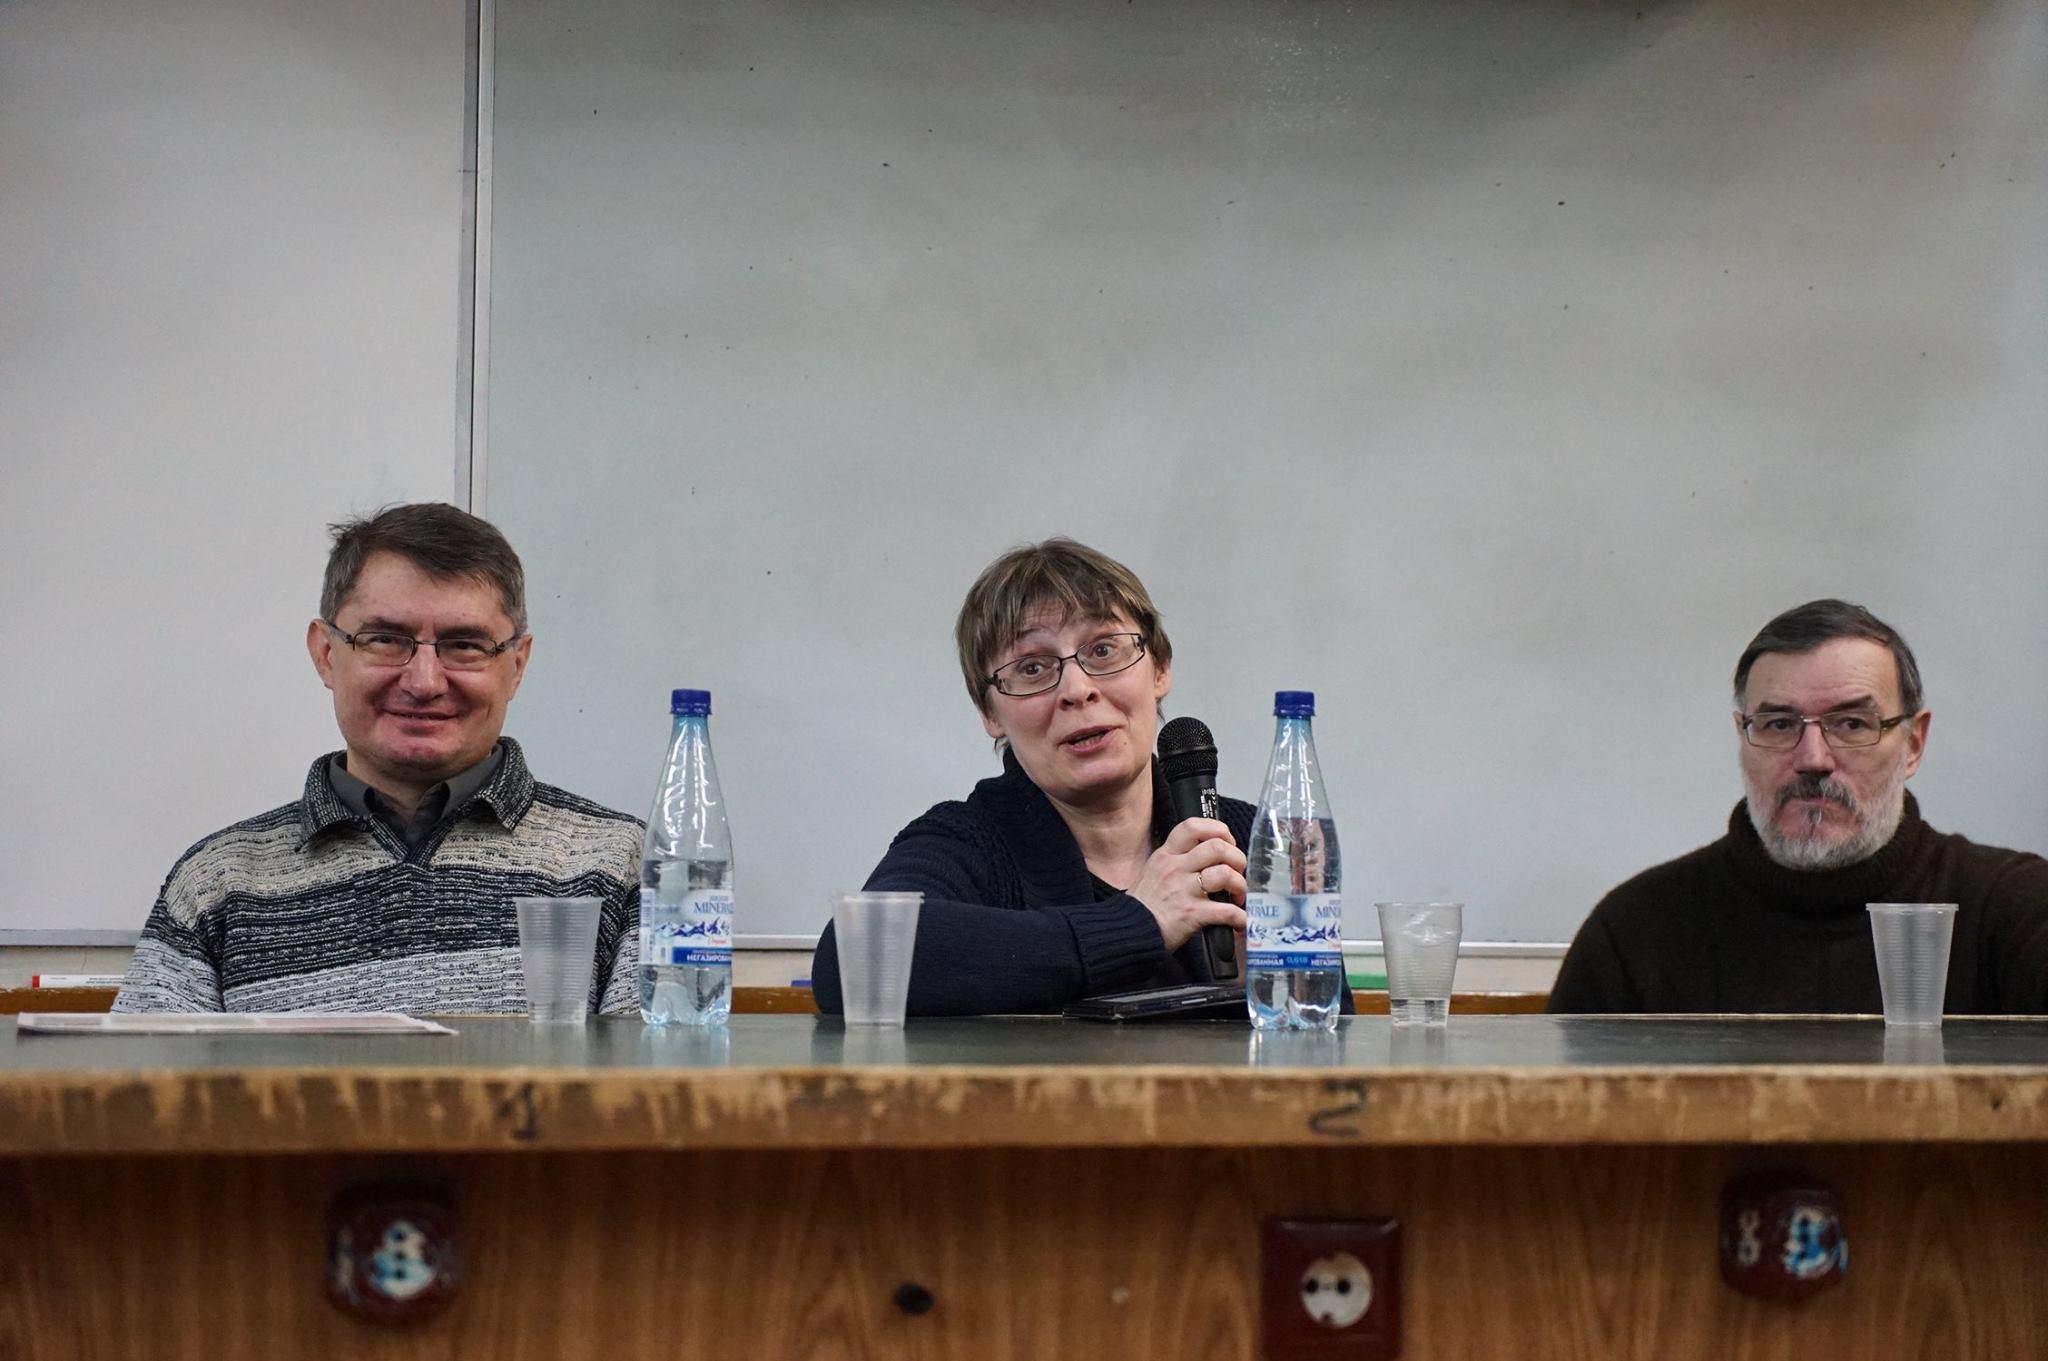 Антон Первушин, Елена Клещенко и Кирилл Еськов. Фото Н. Деминой